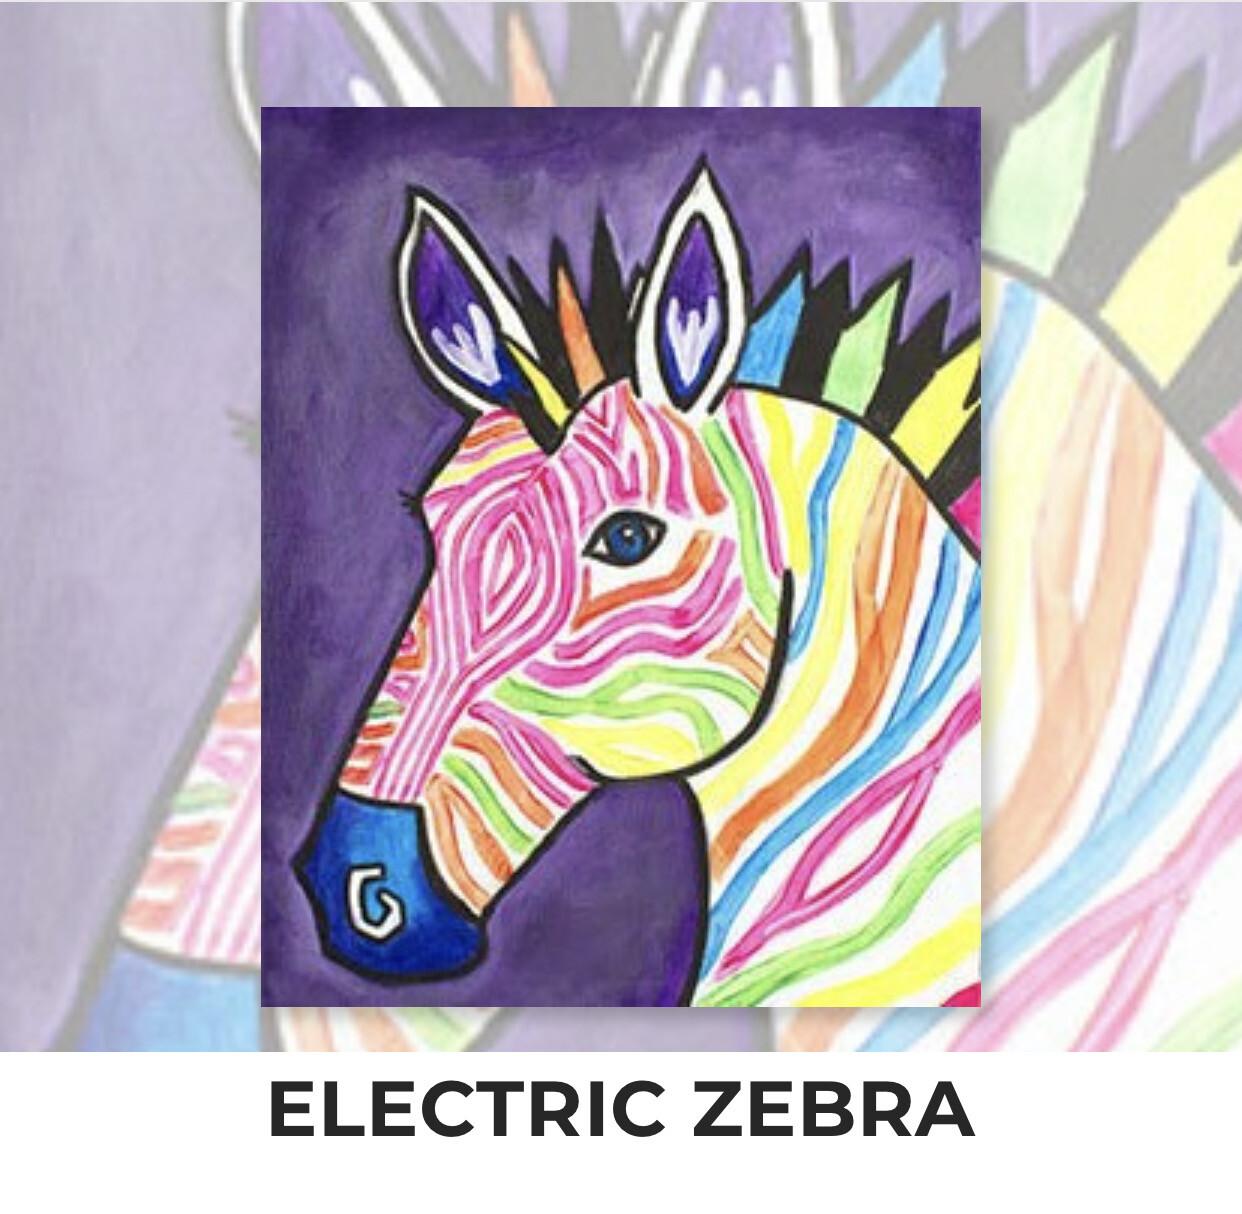 Electric Zebra ADULT Acrylic Paint On Canvas DIY Art Kit